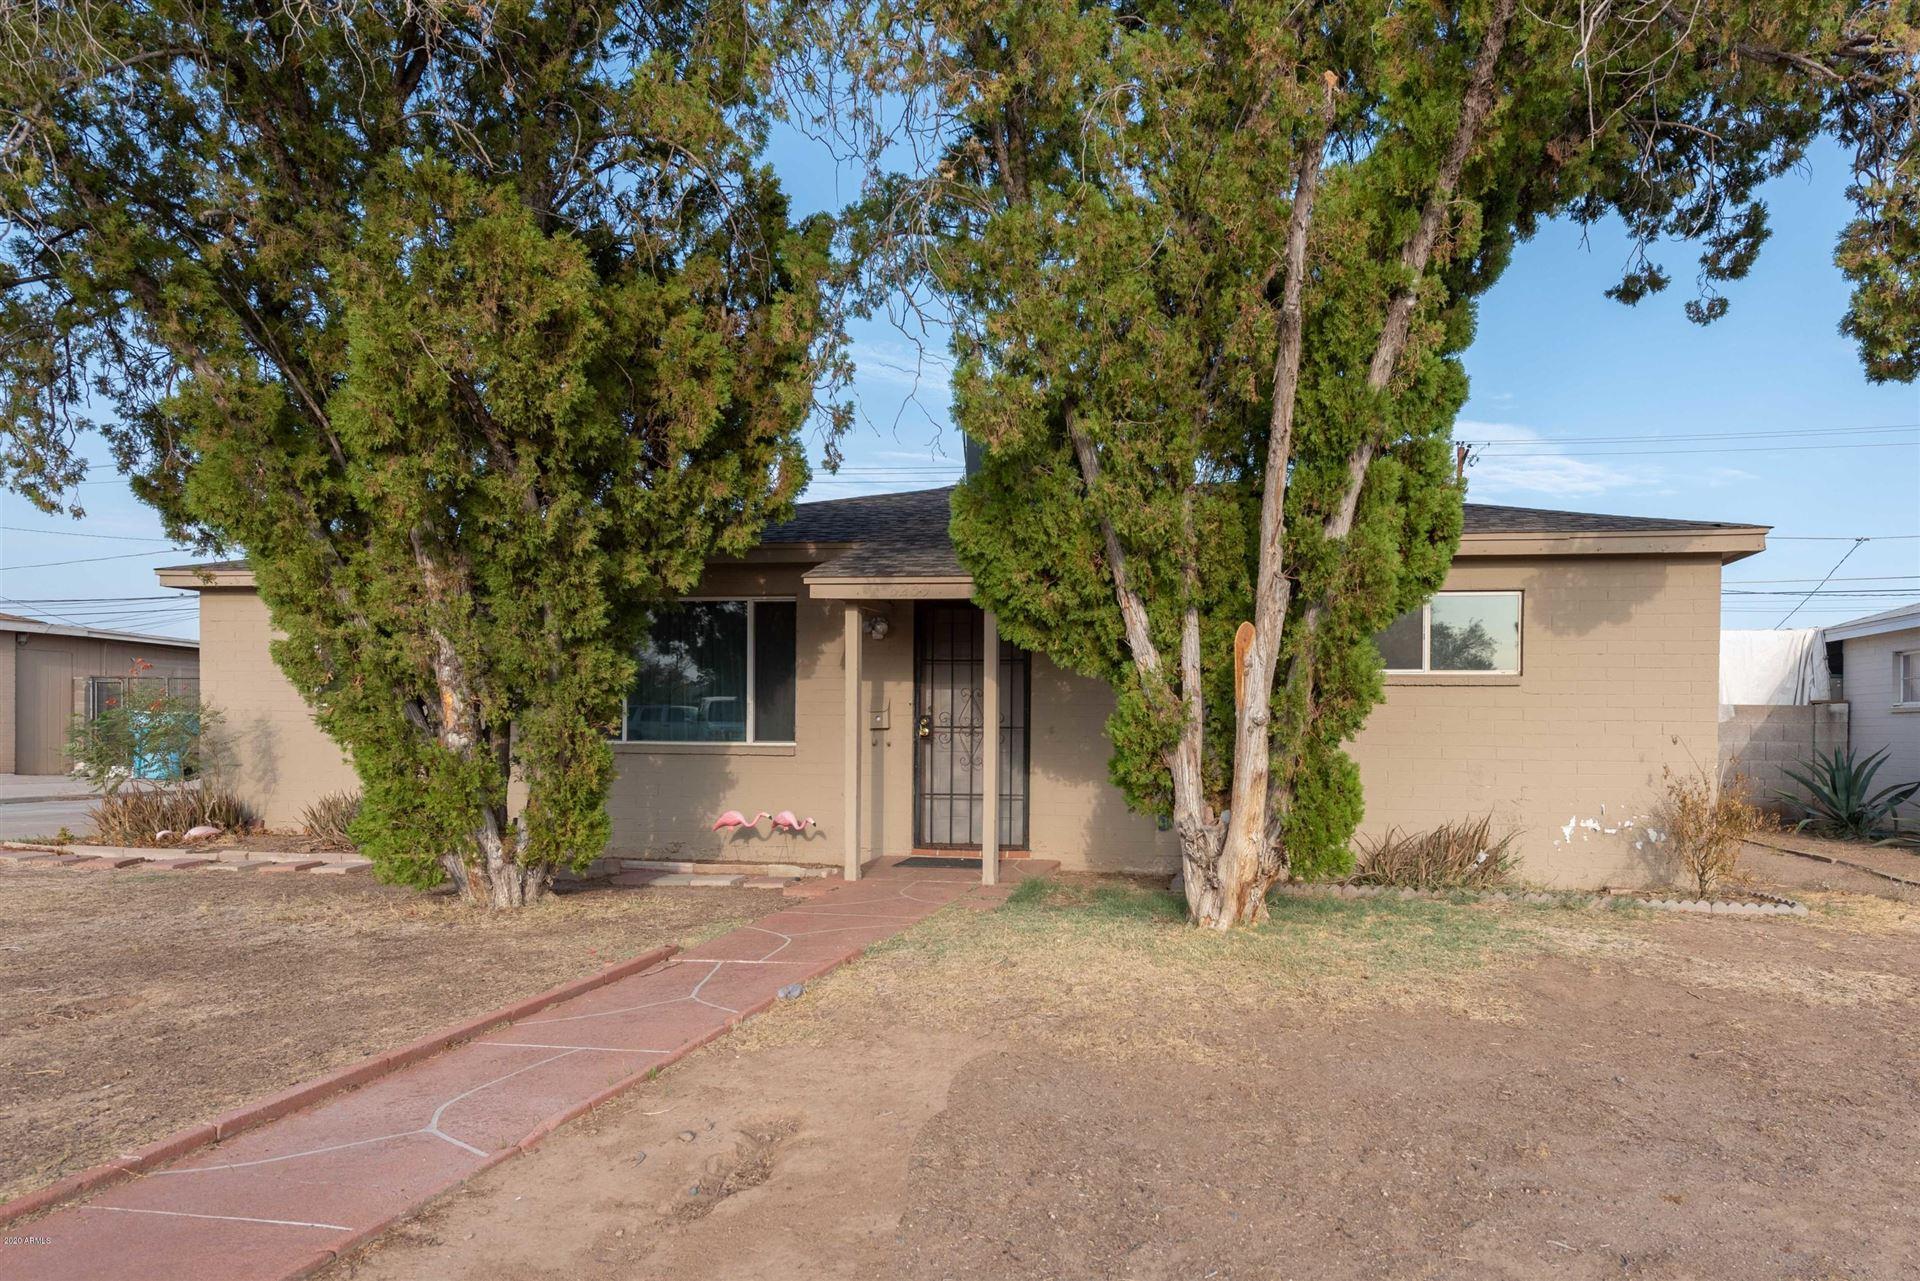 8239 N 29TH Drive, Phoenix, AZ 85051 - MLS#: 6135851